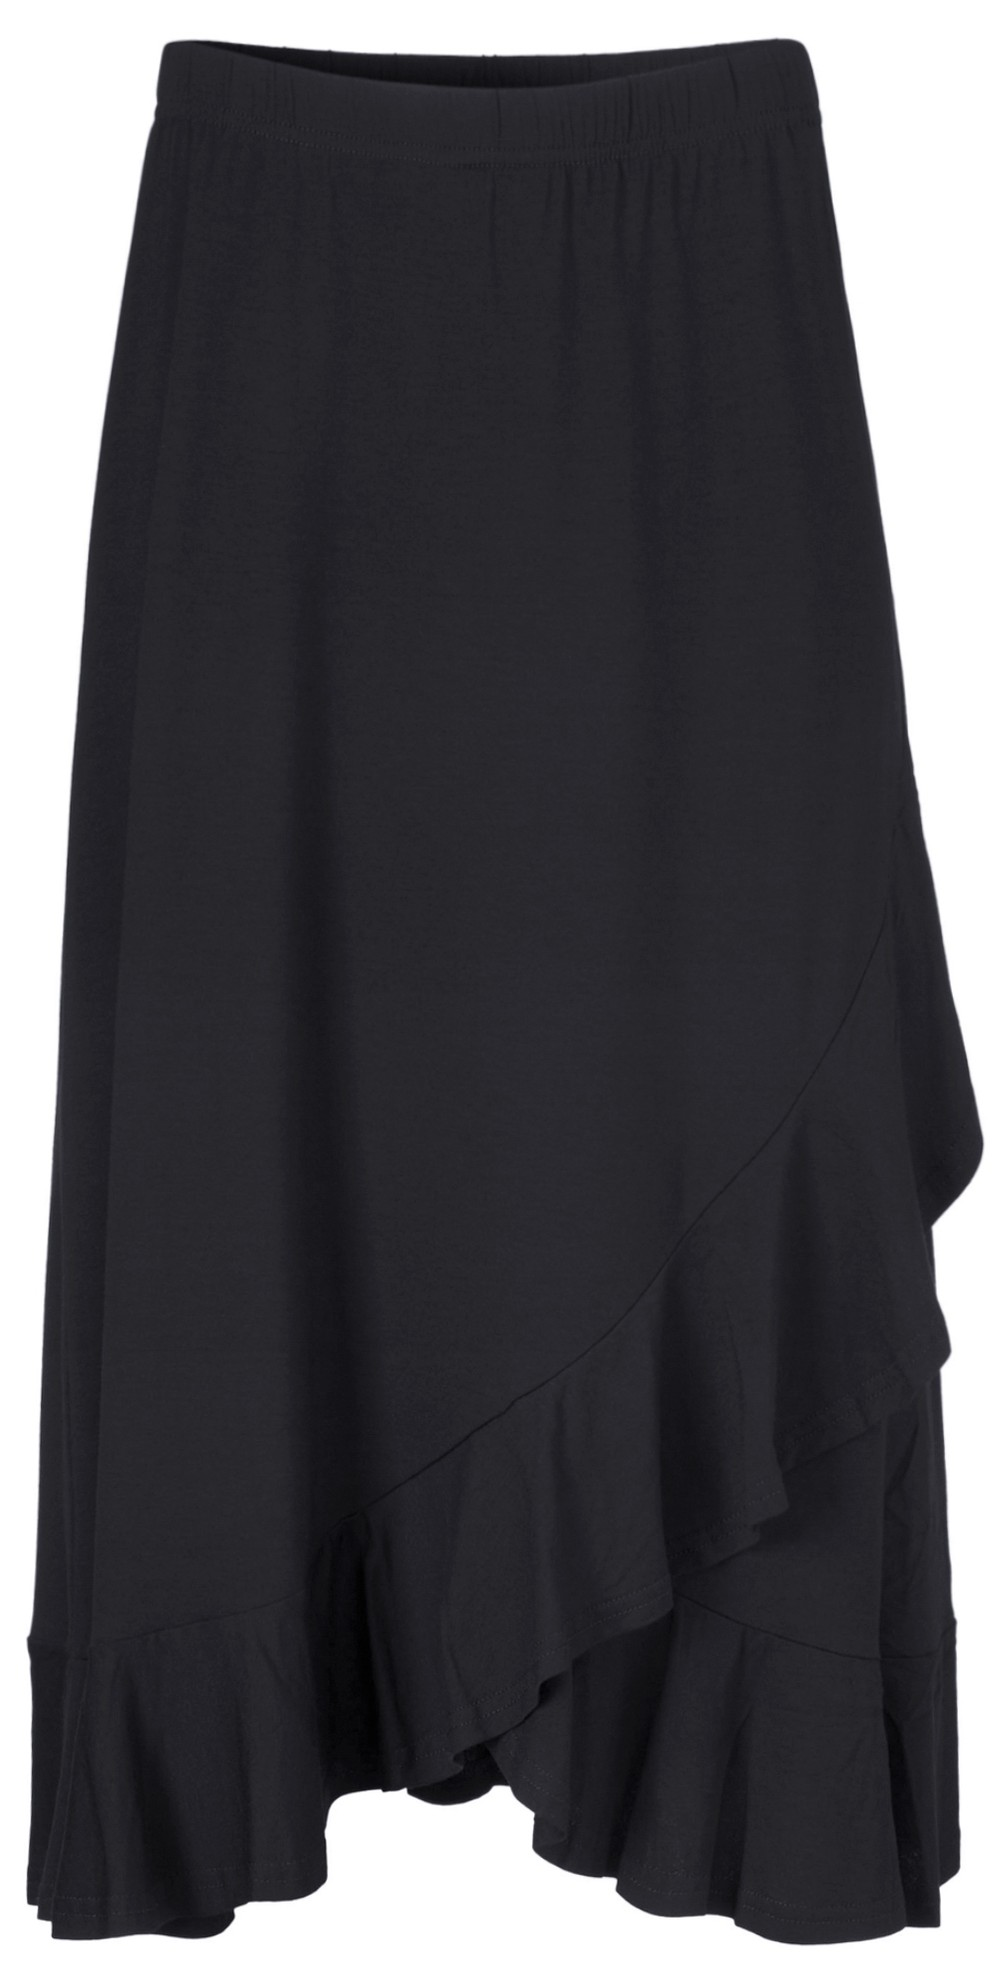 Saphira Skirt main image